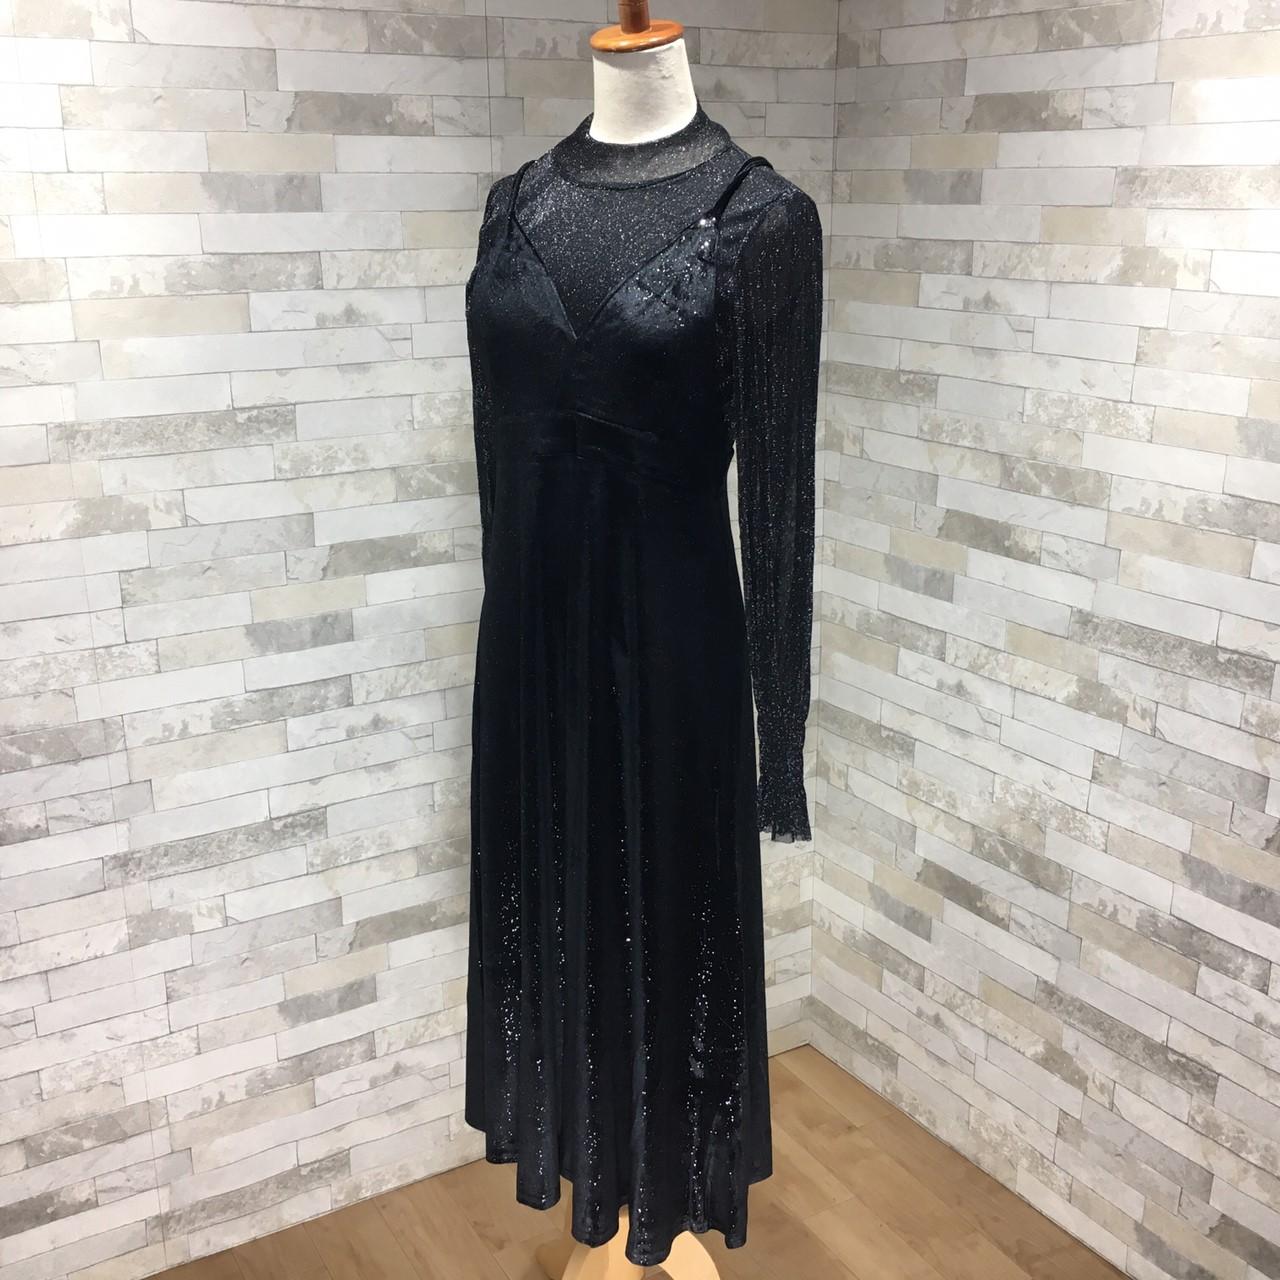 韓国 ファッション パーティードレス 結婚式 お呼ばれドレス セットアップ 秋 冬 パーティー ブライダル PTXD370  グリッター プルオーバー ロング キャミソール 二次会 セレブ きれいめの写真12枚目